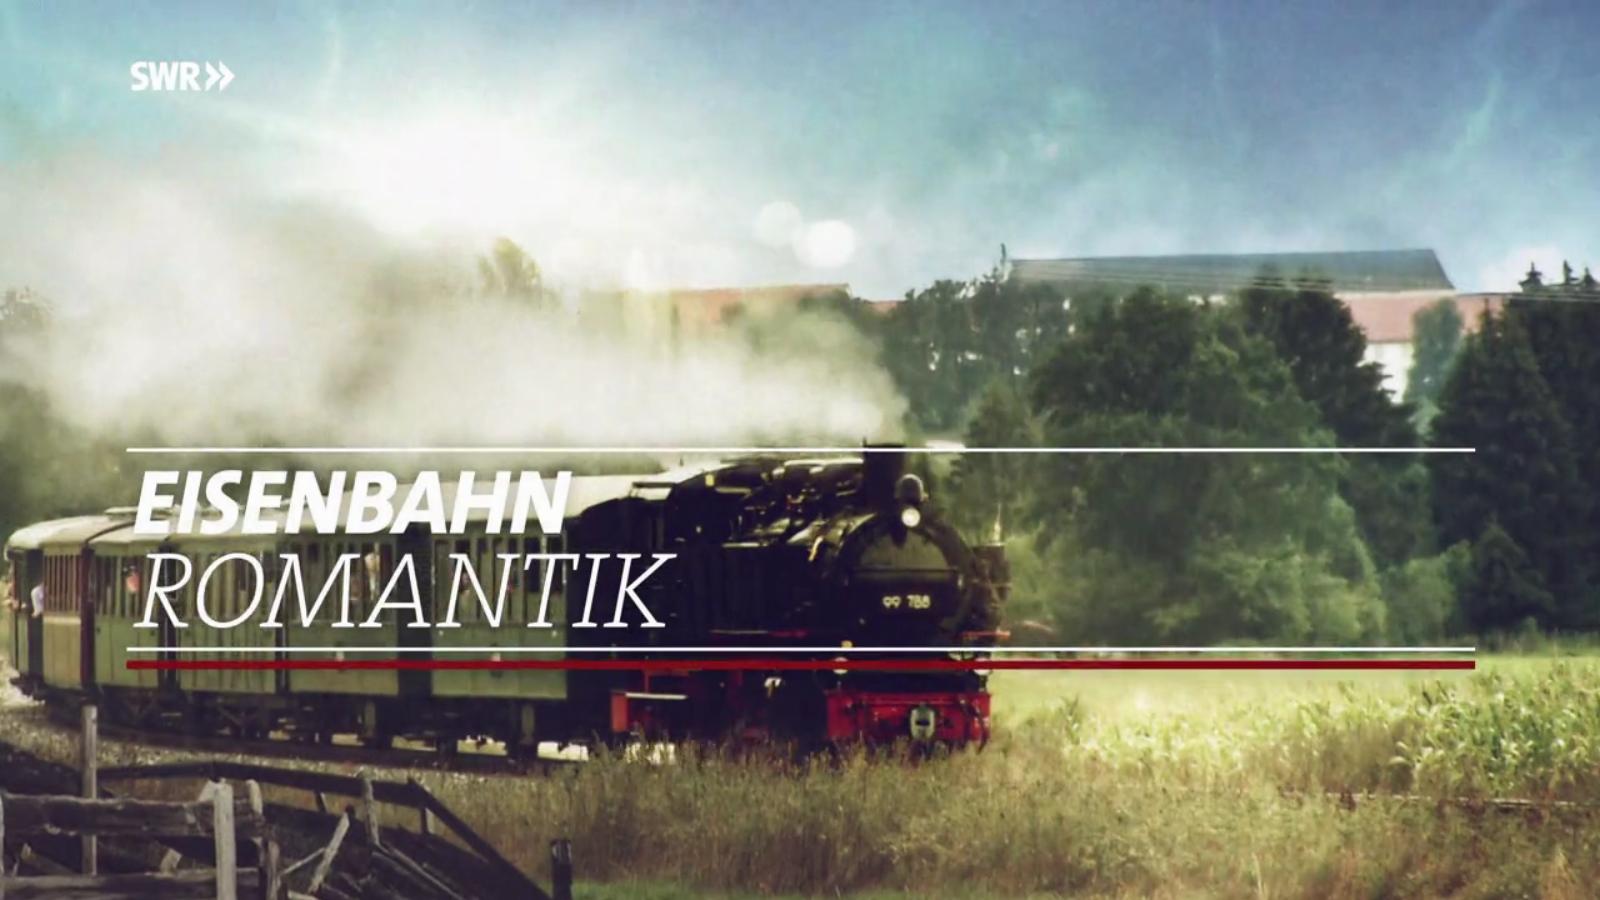 Eisenbahnromantik - Sendung vom 09.12.2017, 15:45 - Uhr - Die Fichtelgebirgsbahnen - Eine Spurensuche